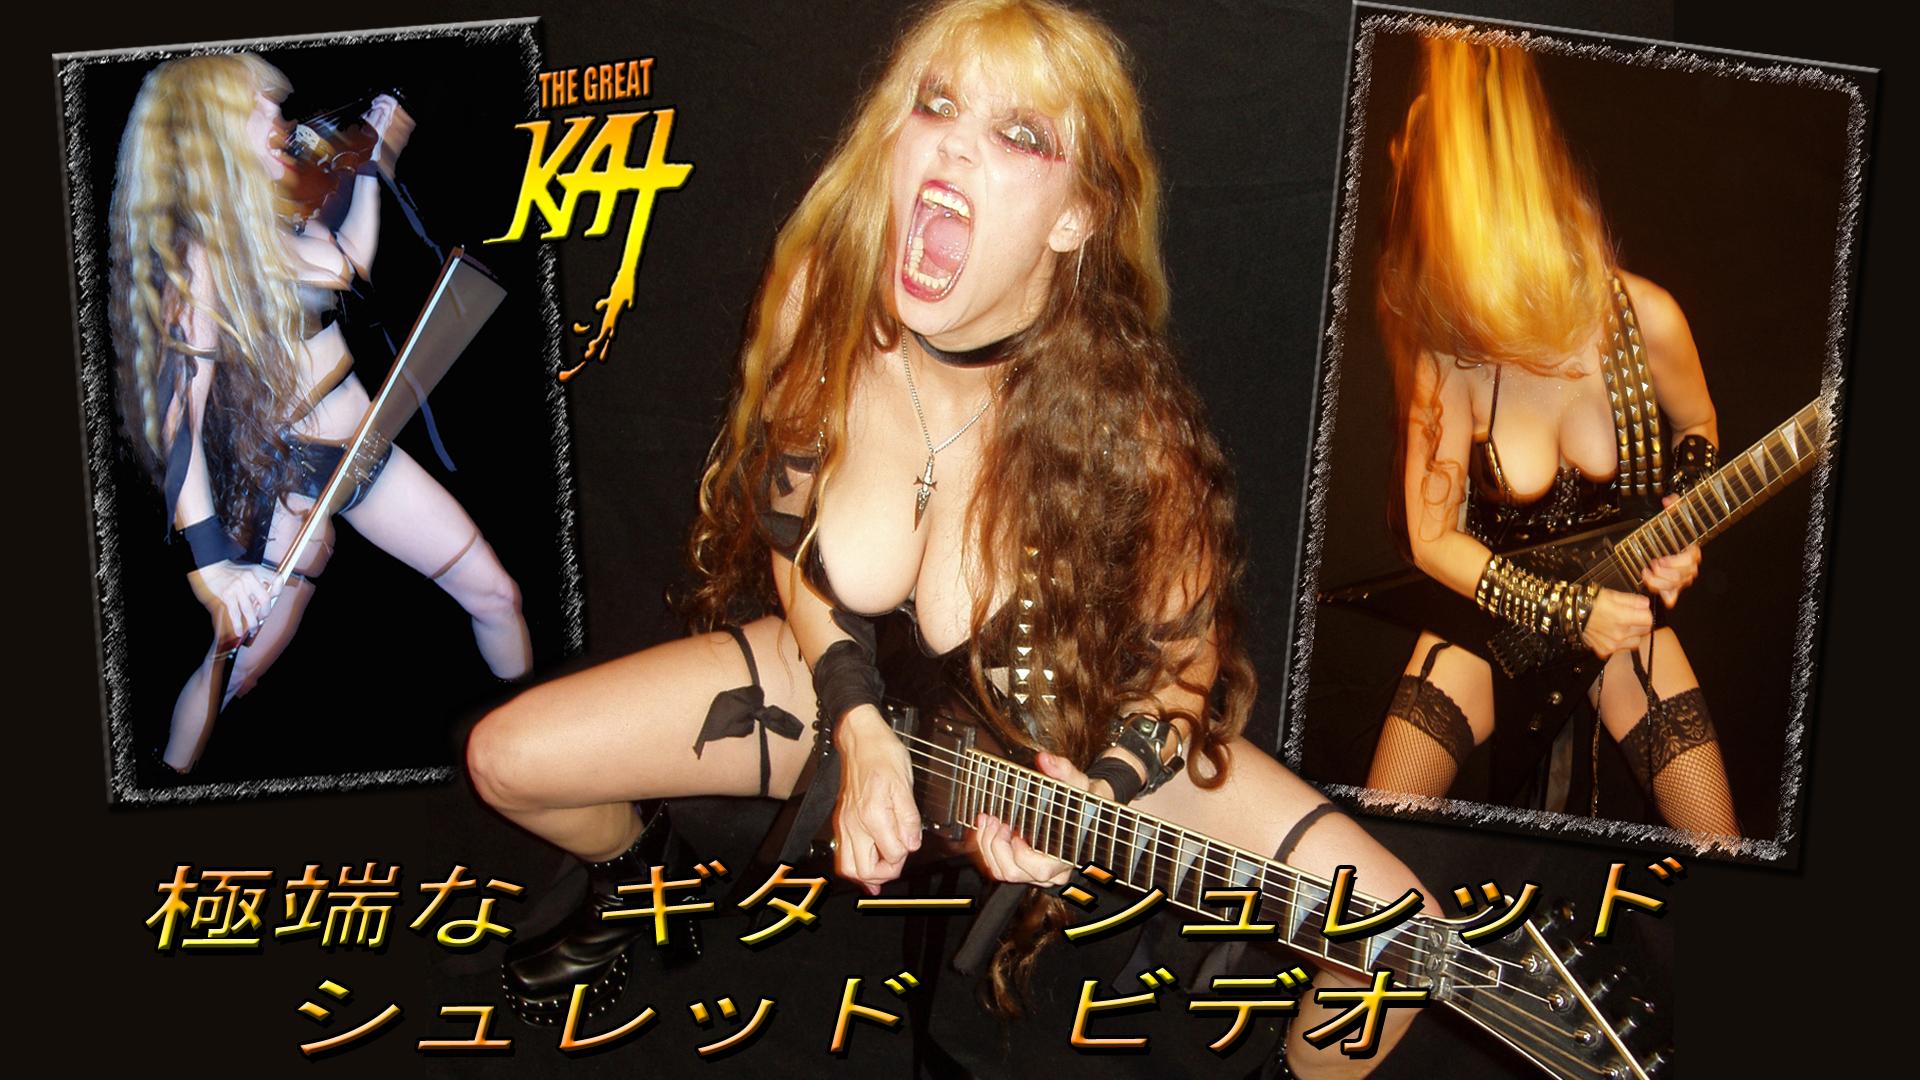 The Great Kat - 極端な ギター シュレッド - シュレッド ビデオ